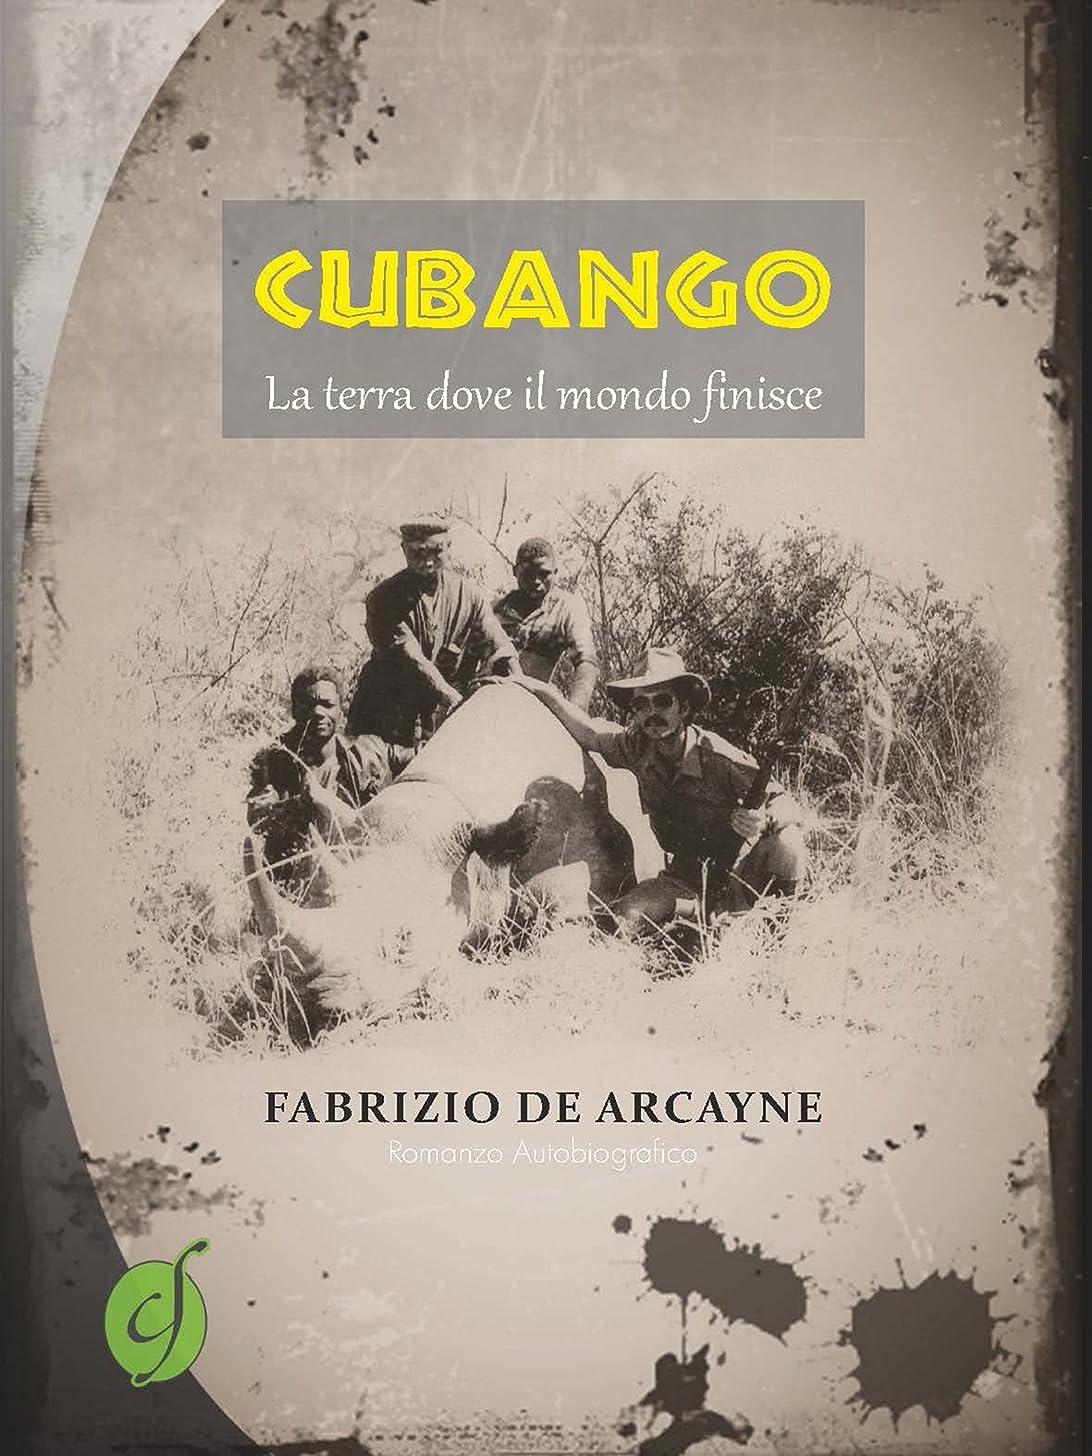 コールドエージェント微妙Cubango - La terra dove finisce il mondo (Green) (Italian Edition)